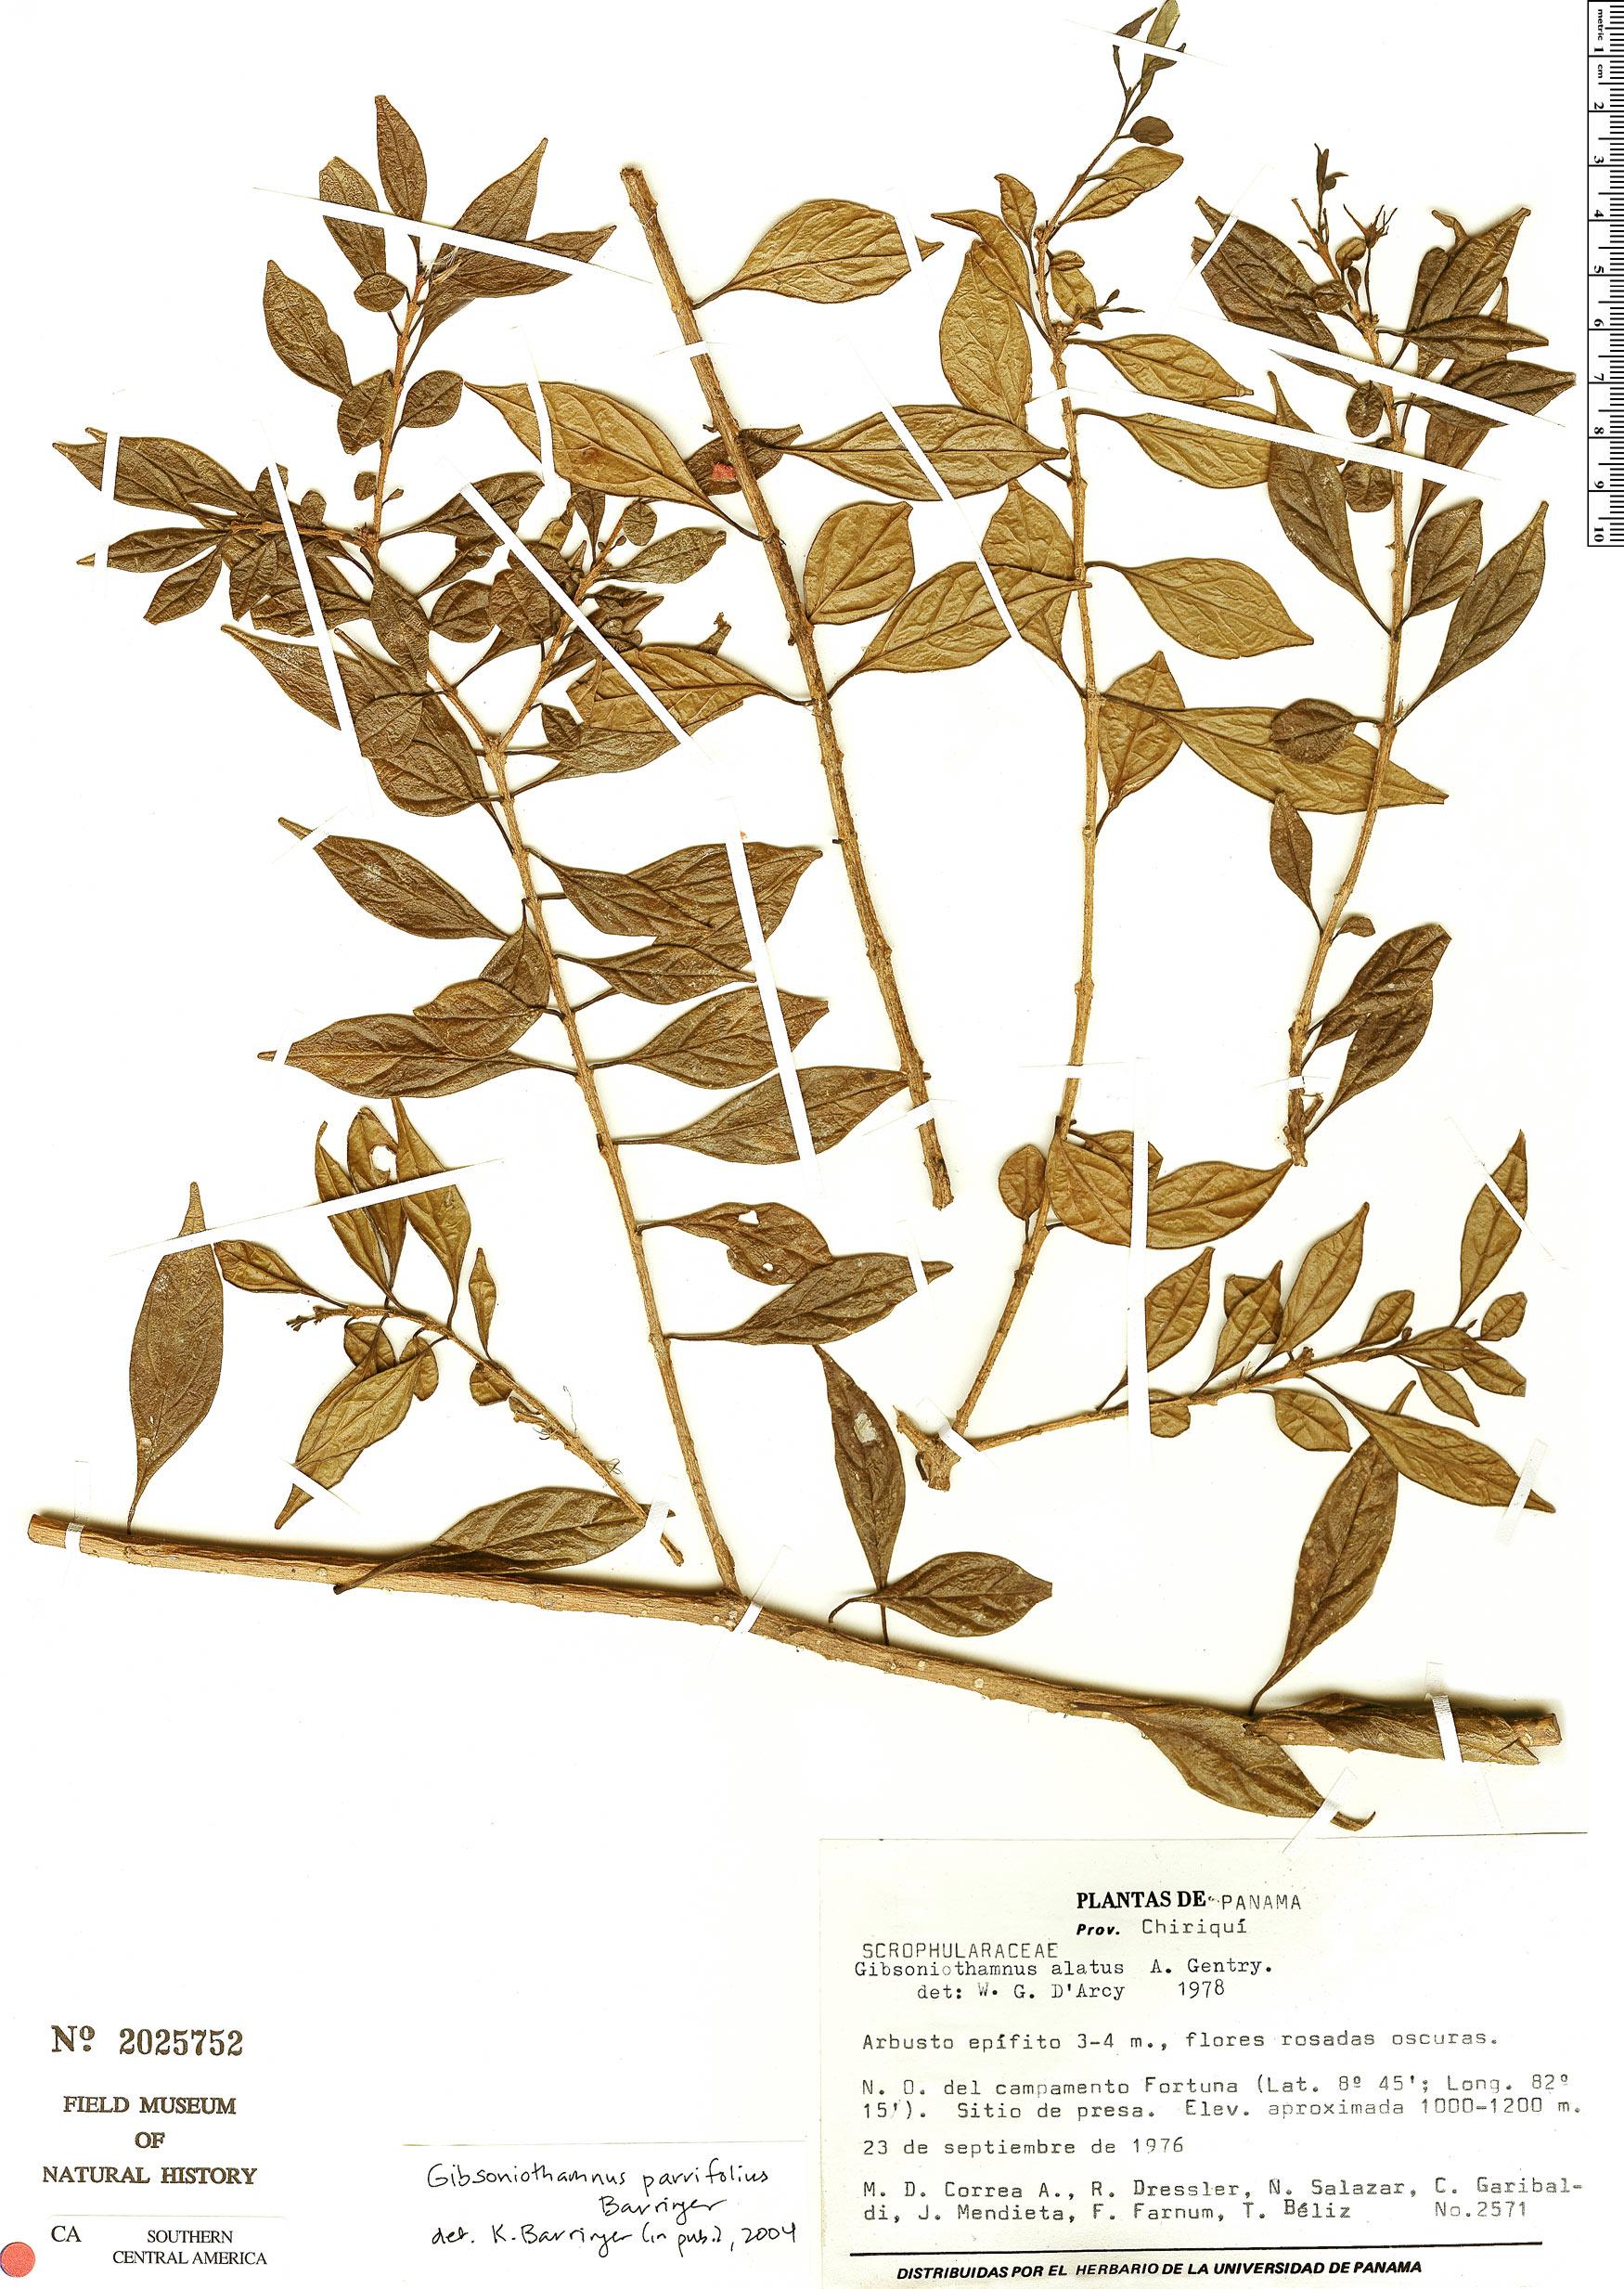 Specimen: Gibsoniothamnus parvifolius